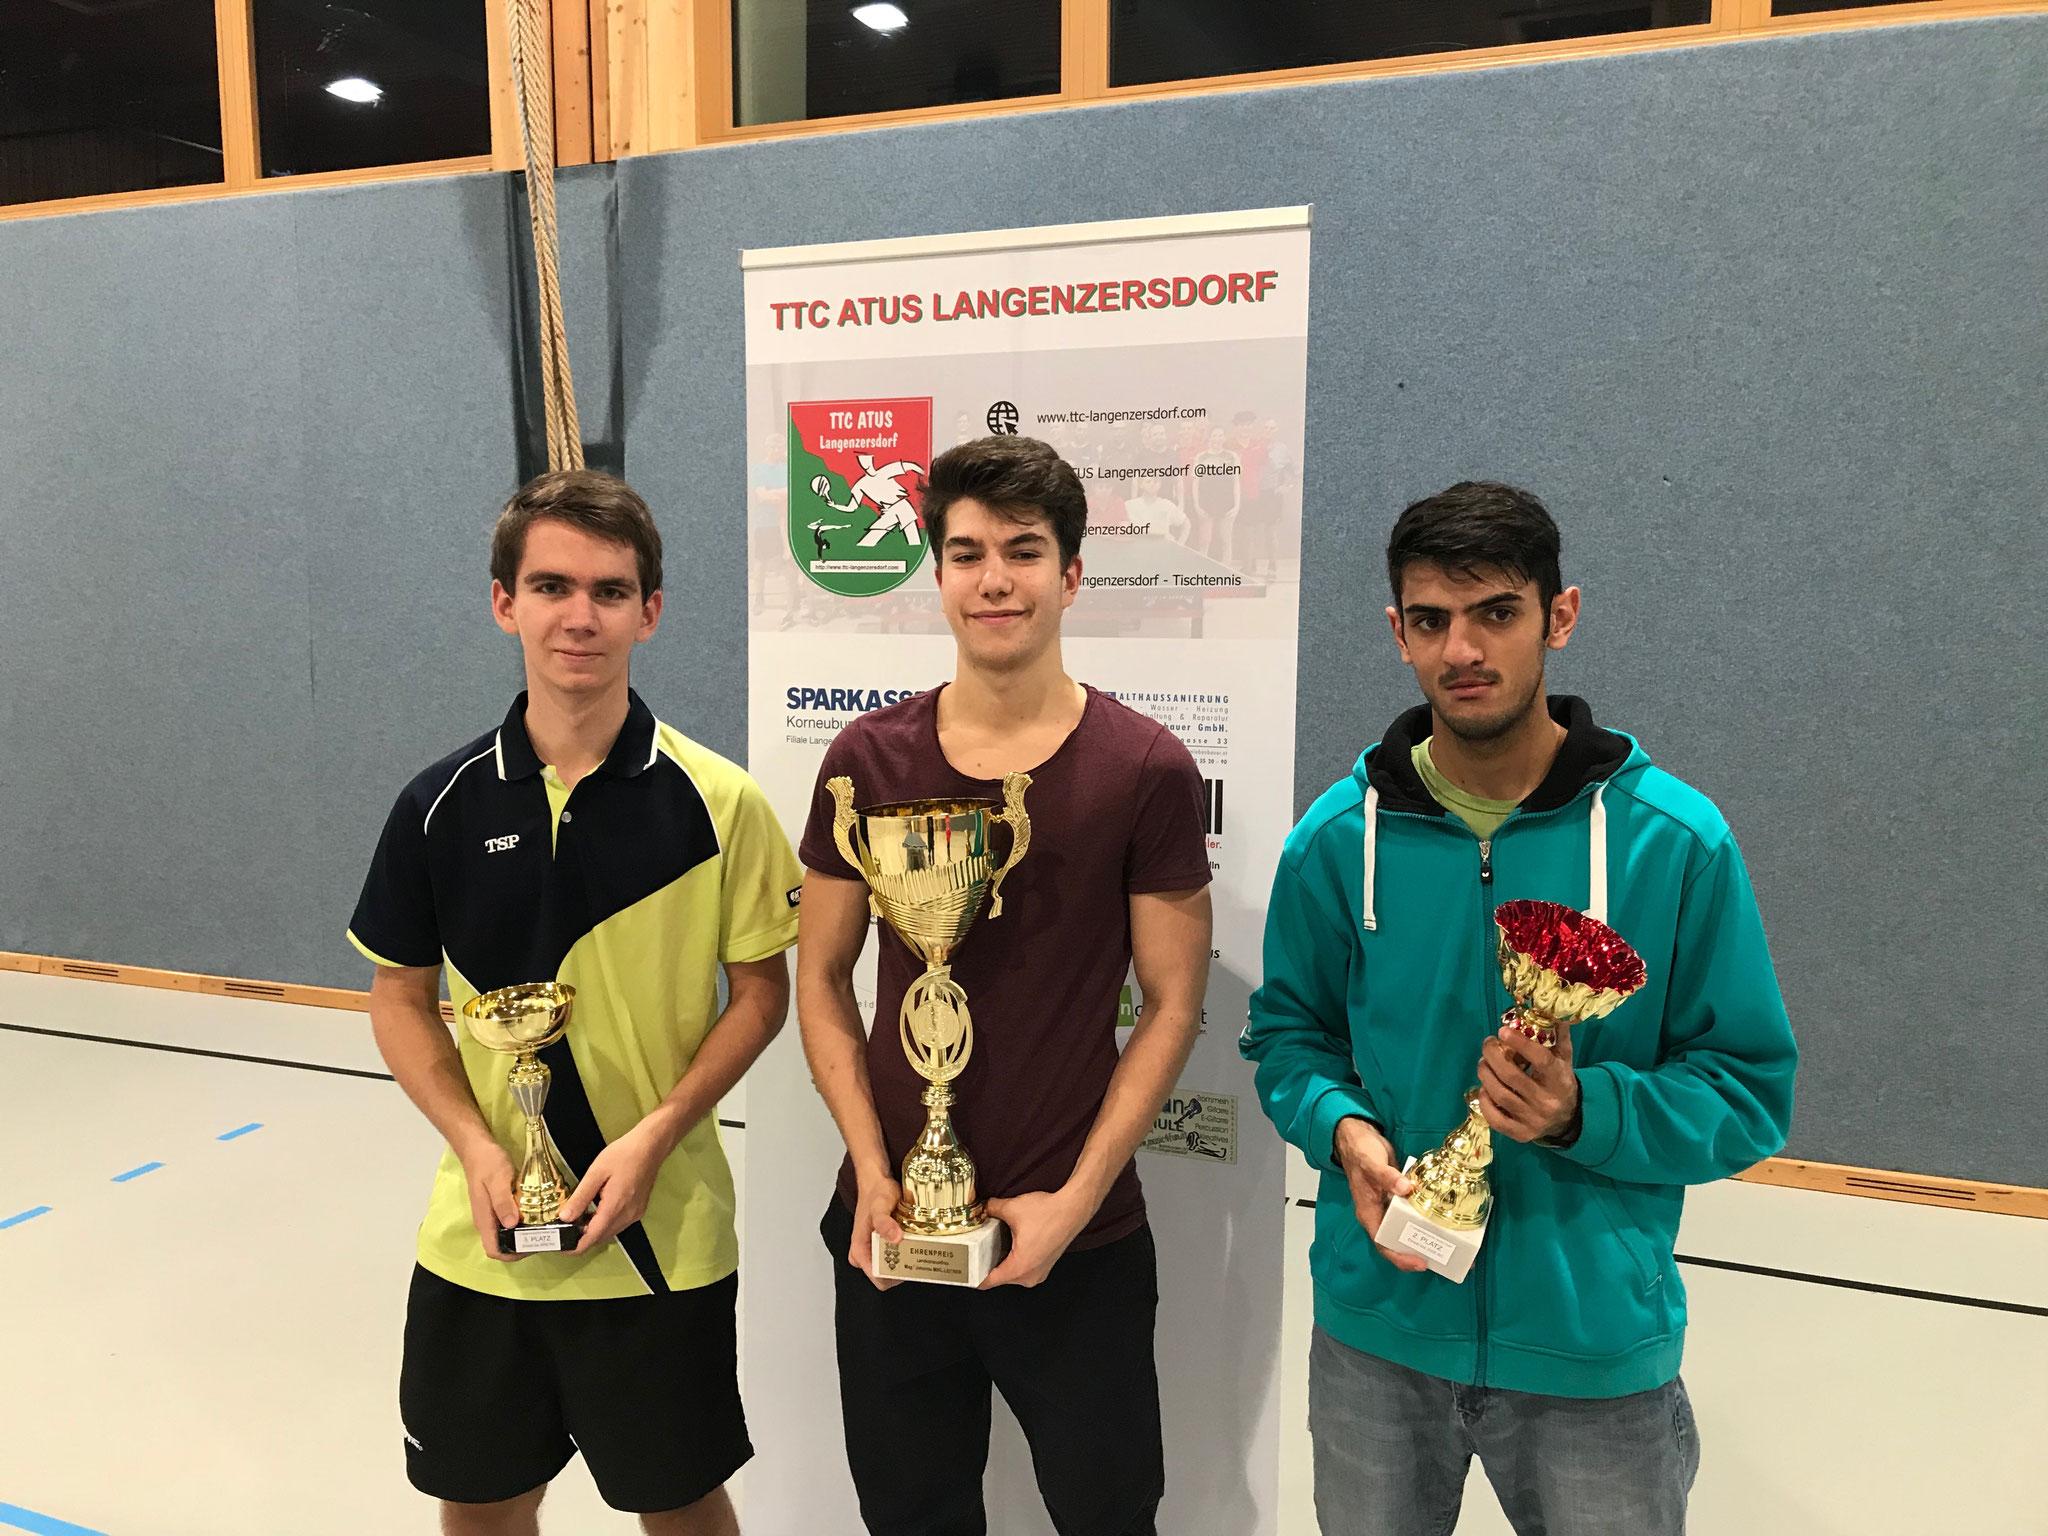 Siegerfoto Bewerb A: v.l.n.r. Matthias Riedler (LENZ) (Platz 3), Markus Baumgartner (LENZ) (Sieger), Ugljesa Lukic (Platz 2)